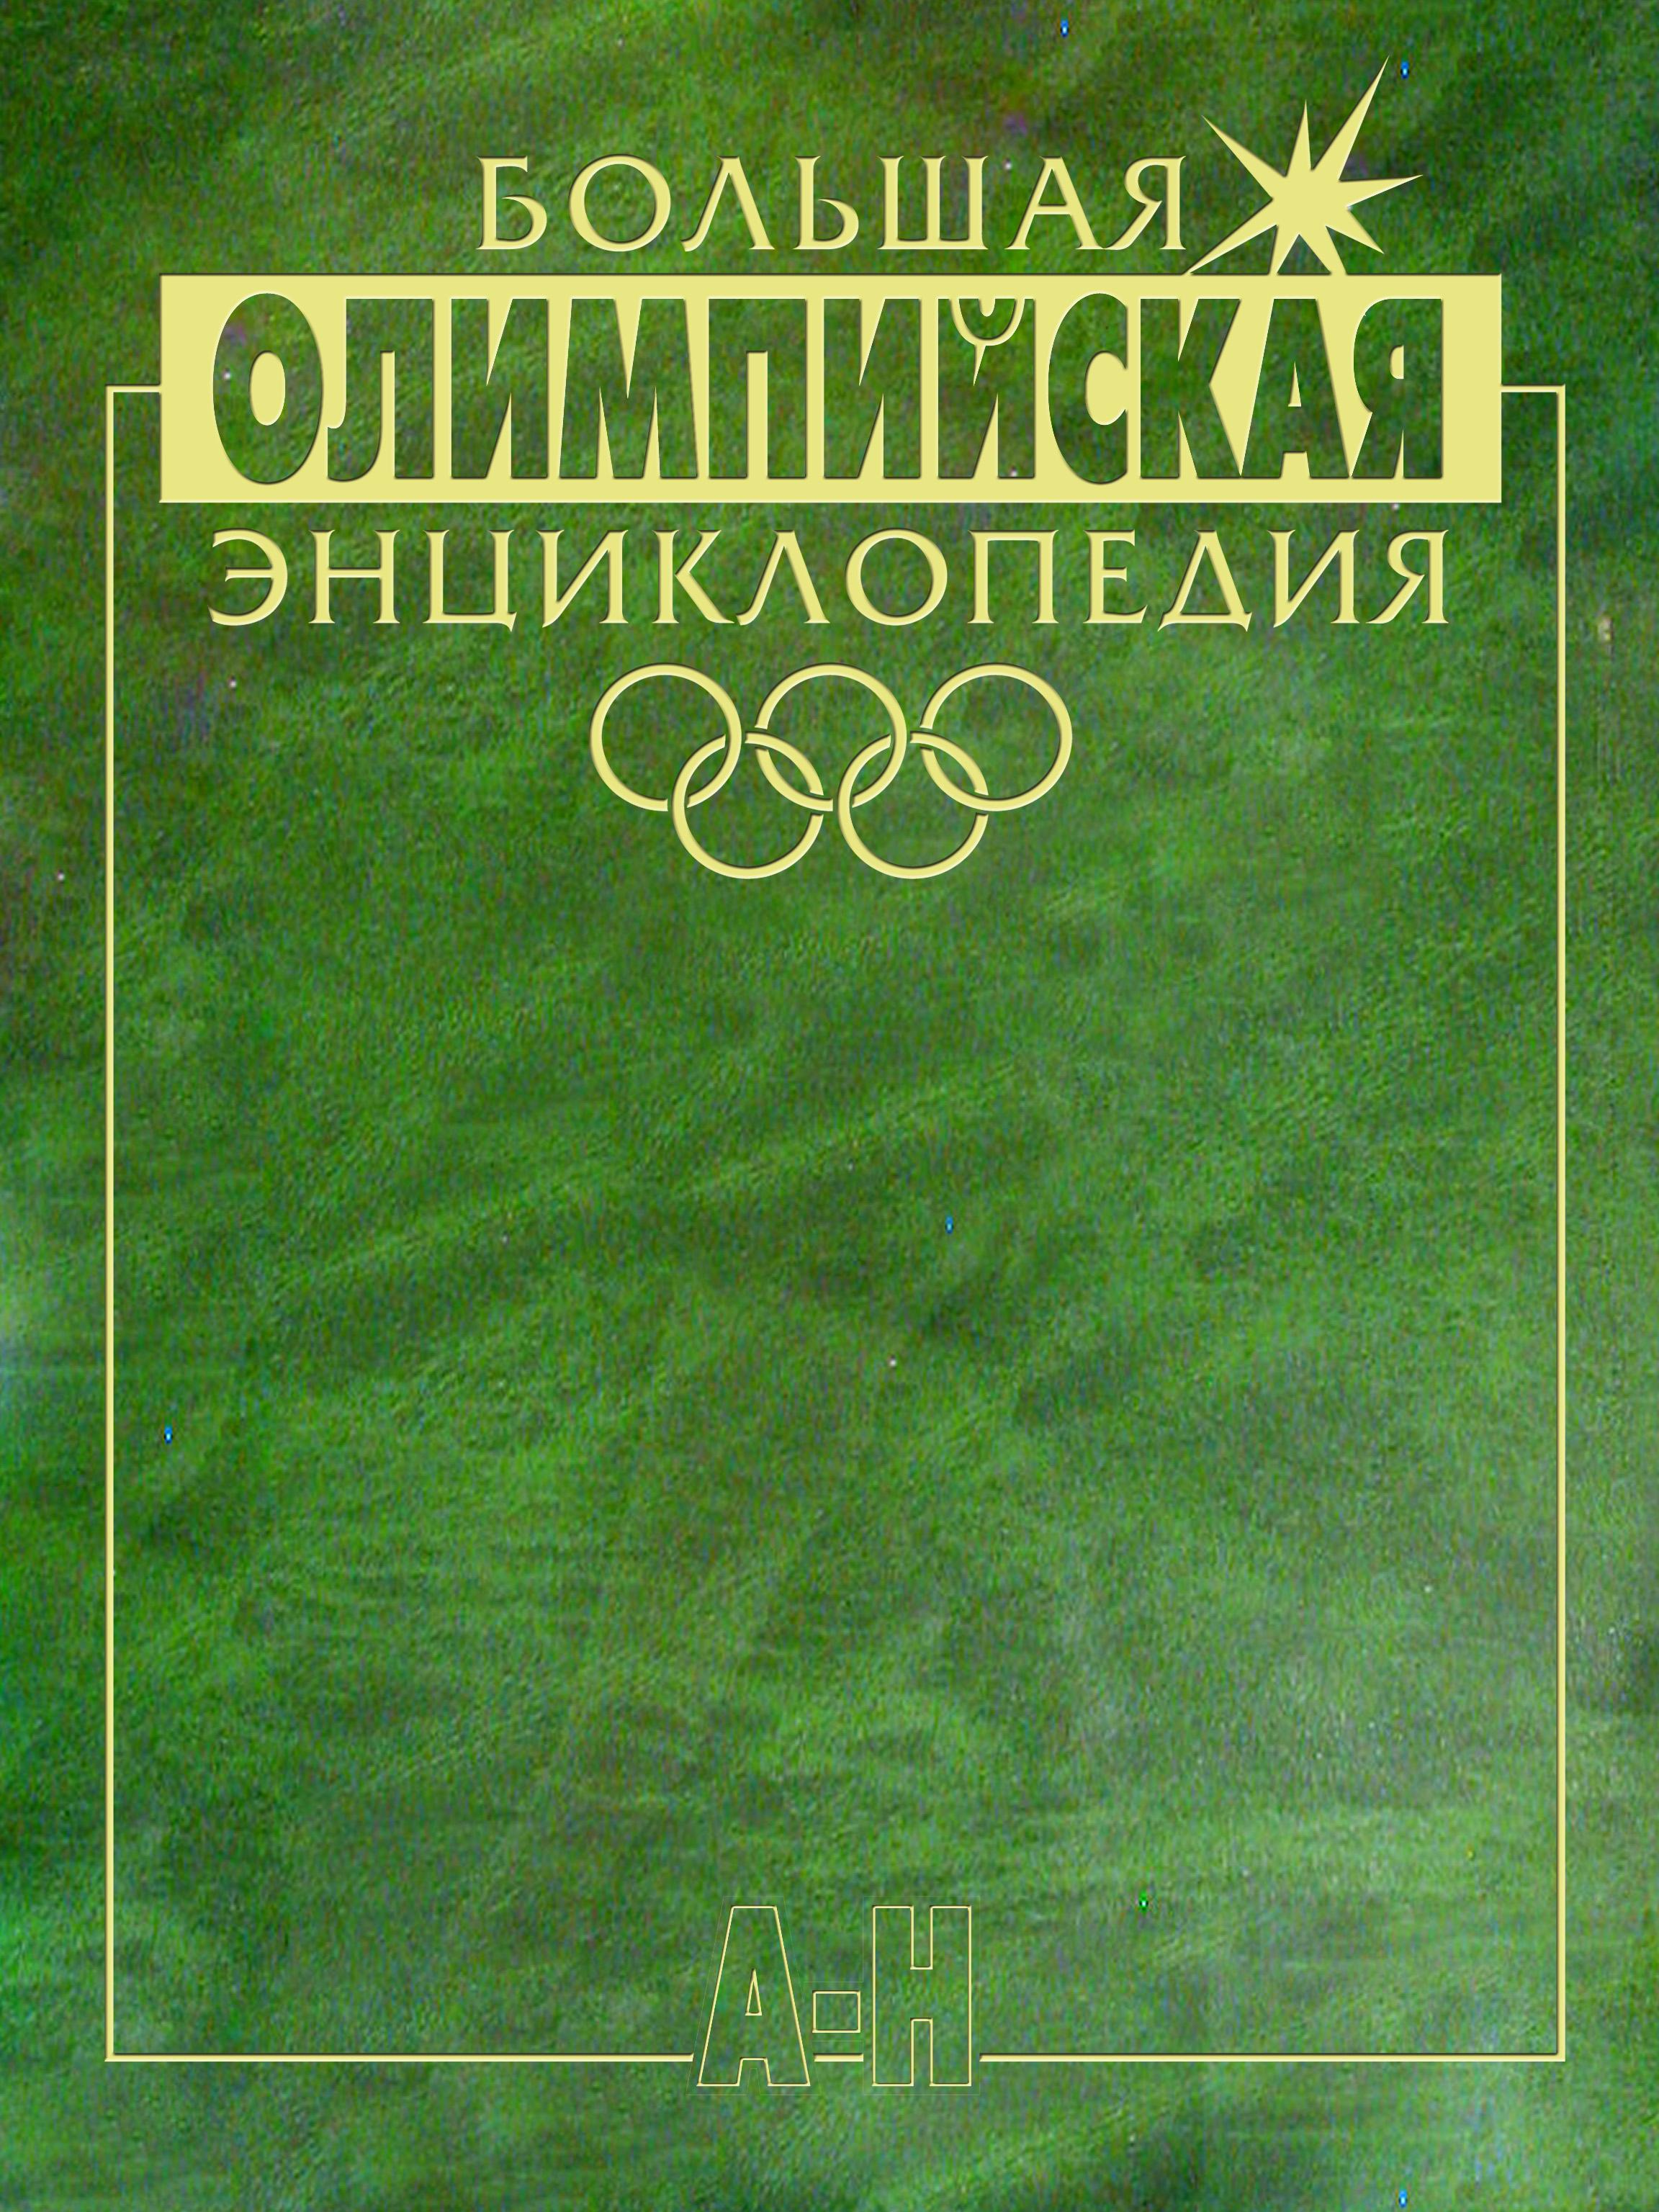 Коллектив авторов Большая олимпийская энциклопедия. Том 1. А–Н анике хаге готические виды спорта том 1